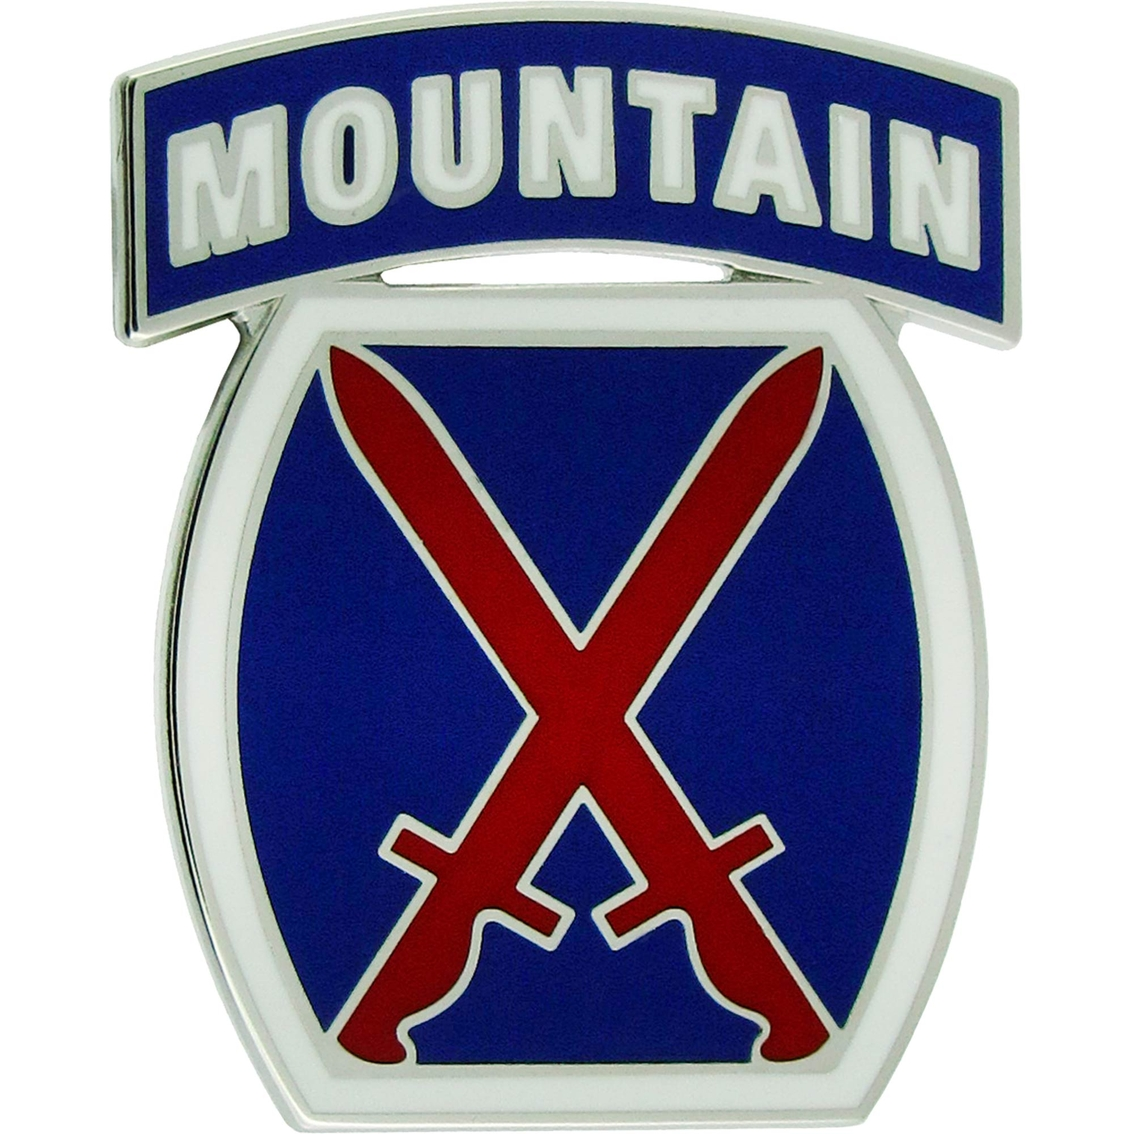 Army Csib 10th Mountain Division Insignia   Divisions ...